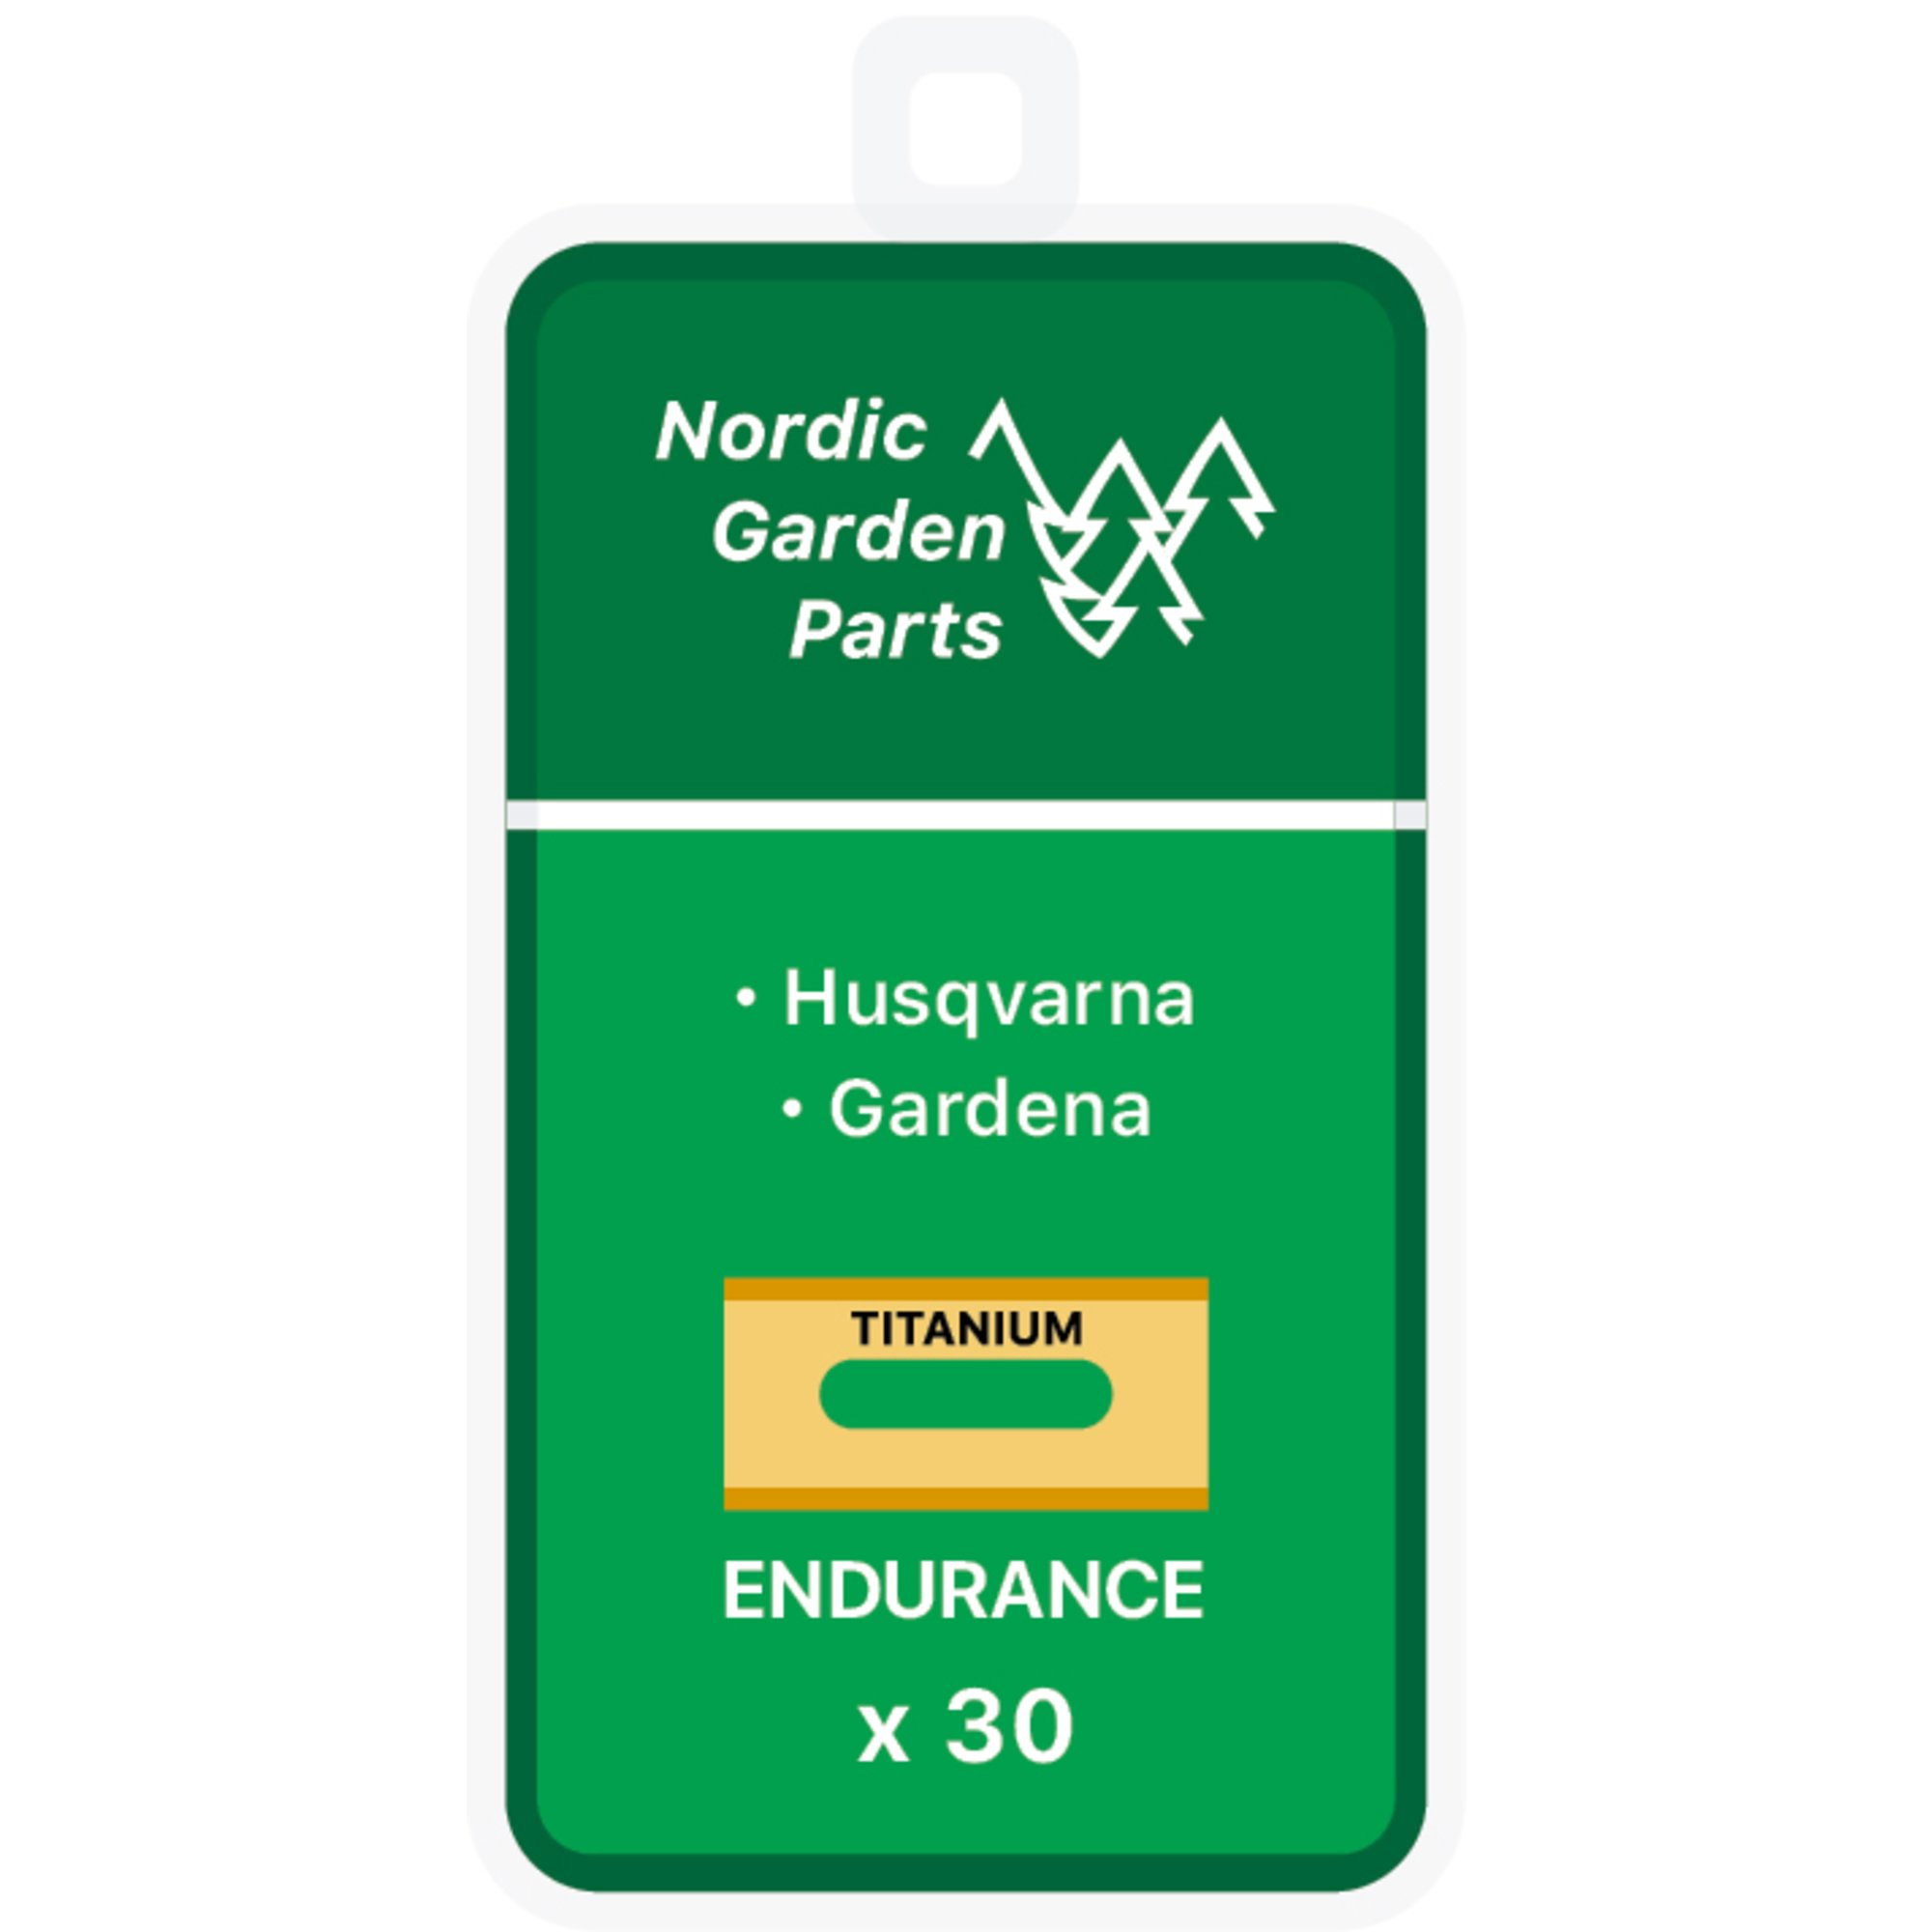 Nordic Garden Parts Endurance titanbelagda stålknivar till Husqvarna & Gardena 30 st